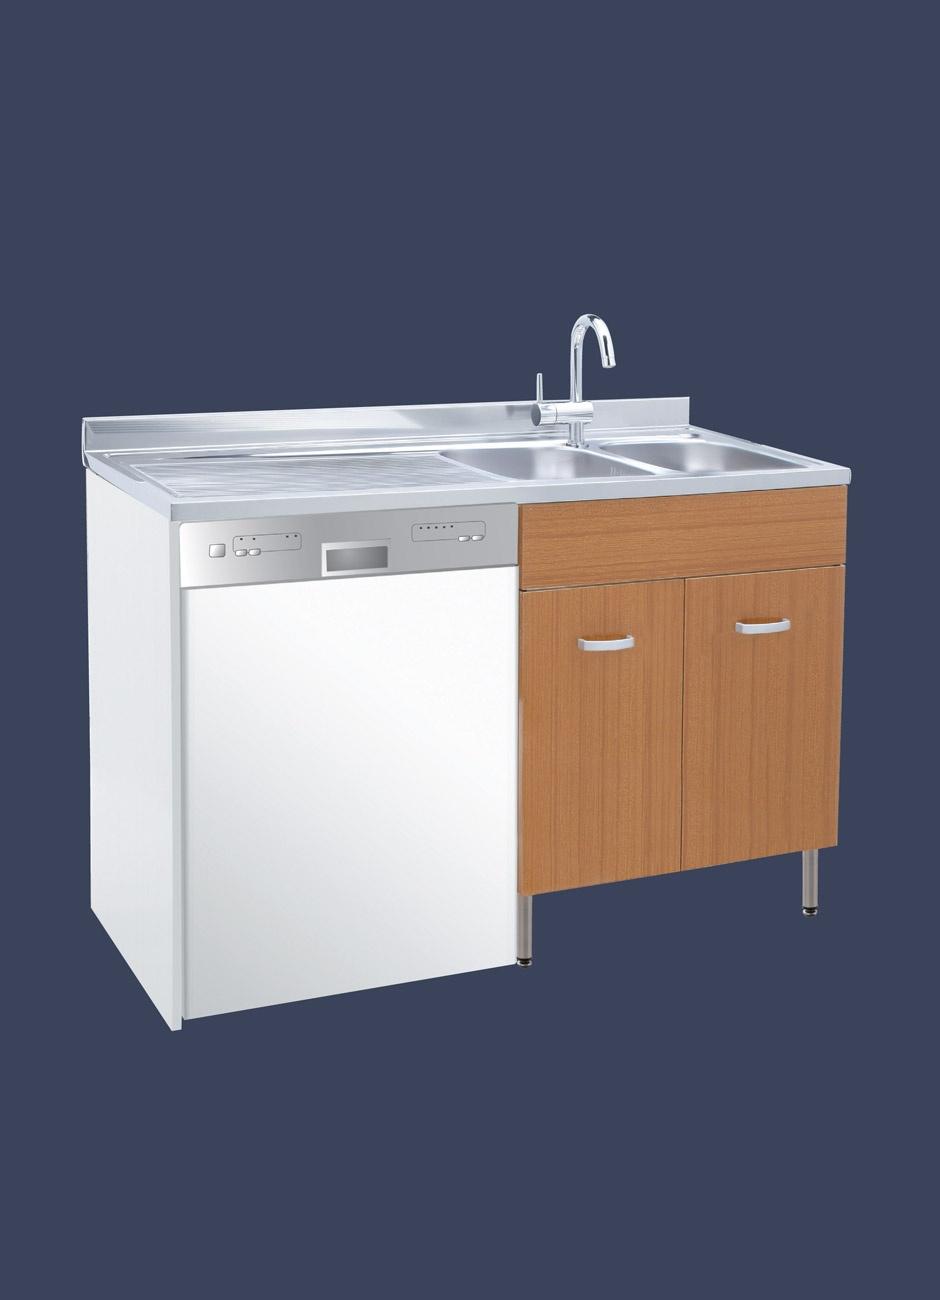 Lavello Cucina Con Sottolavello.Sottolavelli Per Lavastoviglie